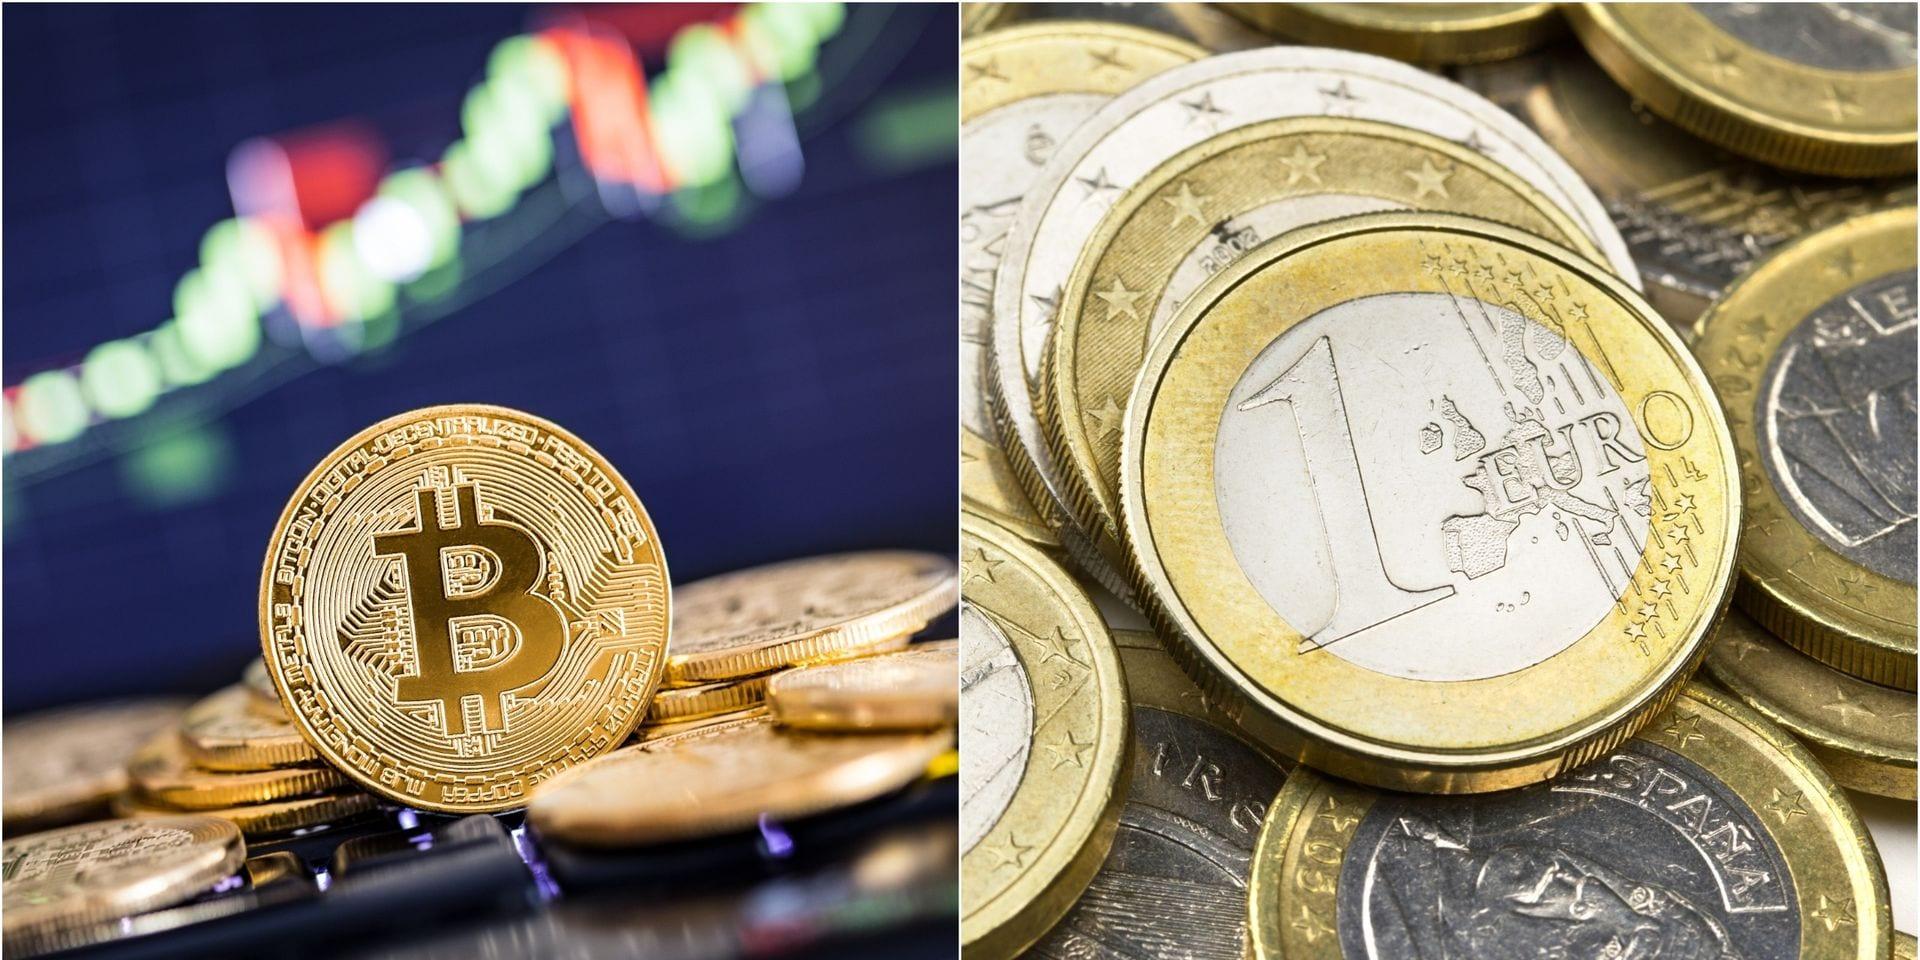 Bientôt un euro numérique à côté du bitcoin ? L'Allemagne dit oui